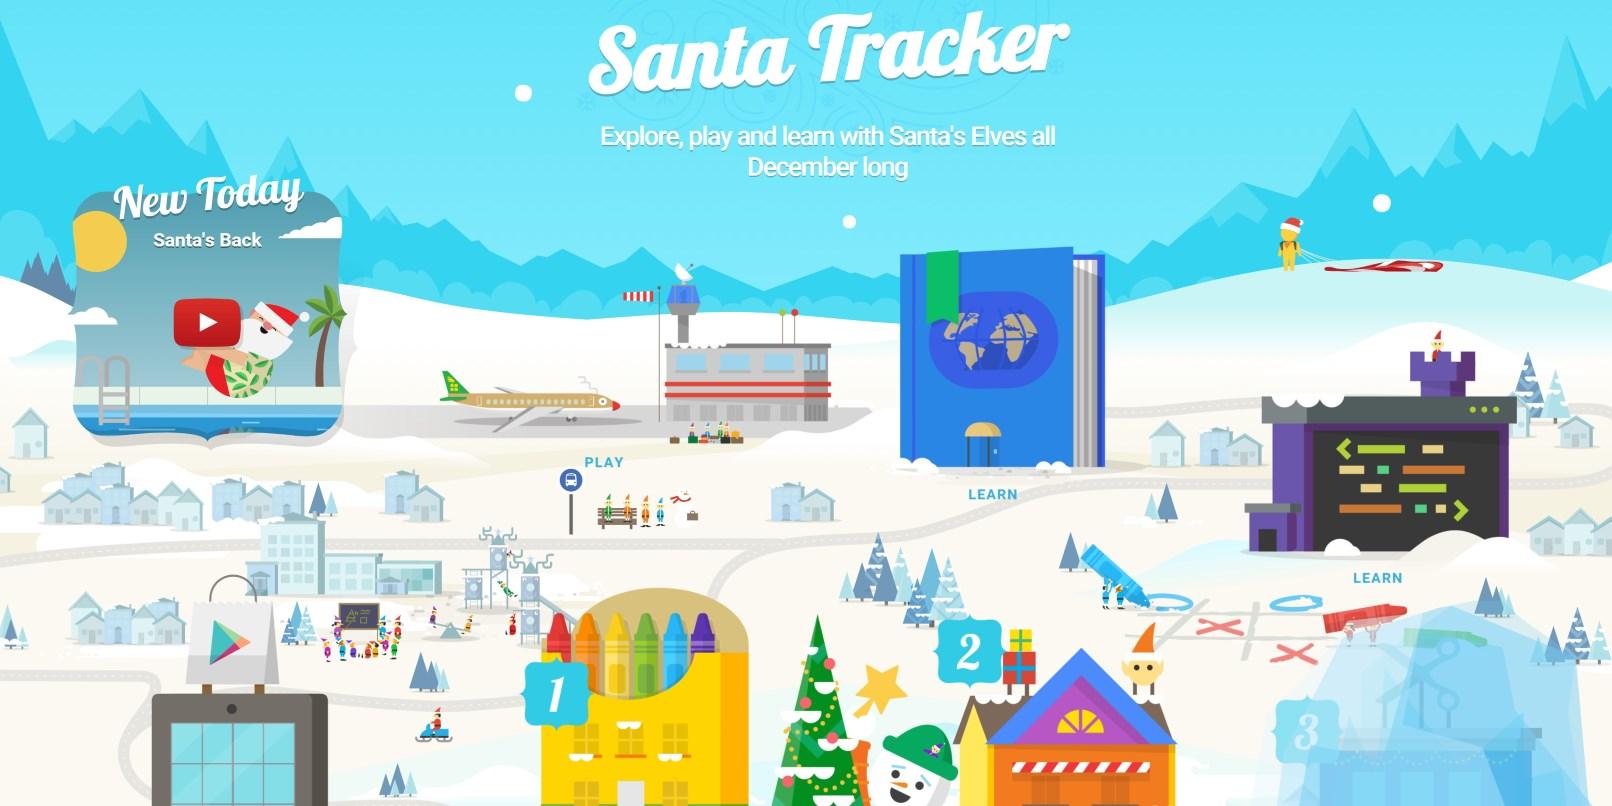 Google brings fun new activities to its Santa Tracker